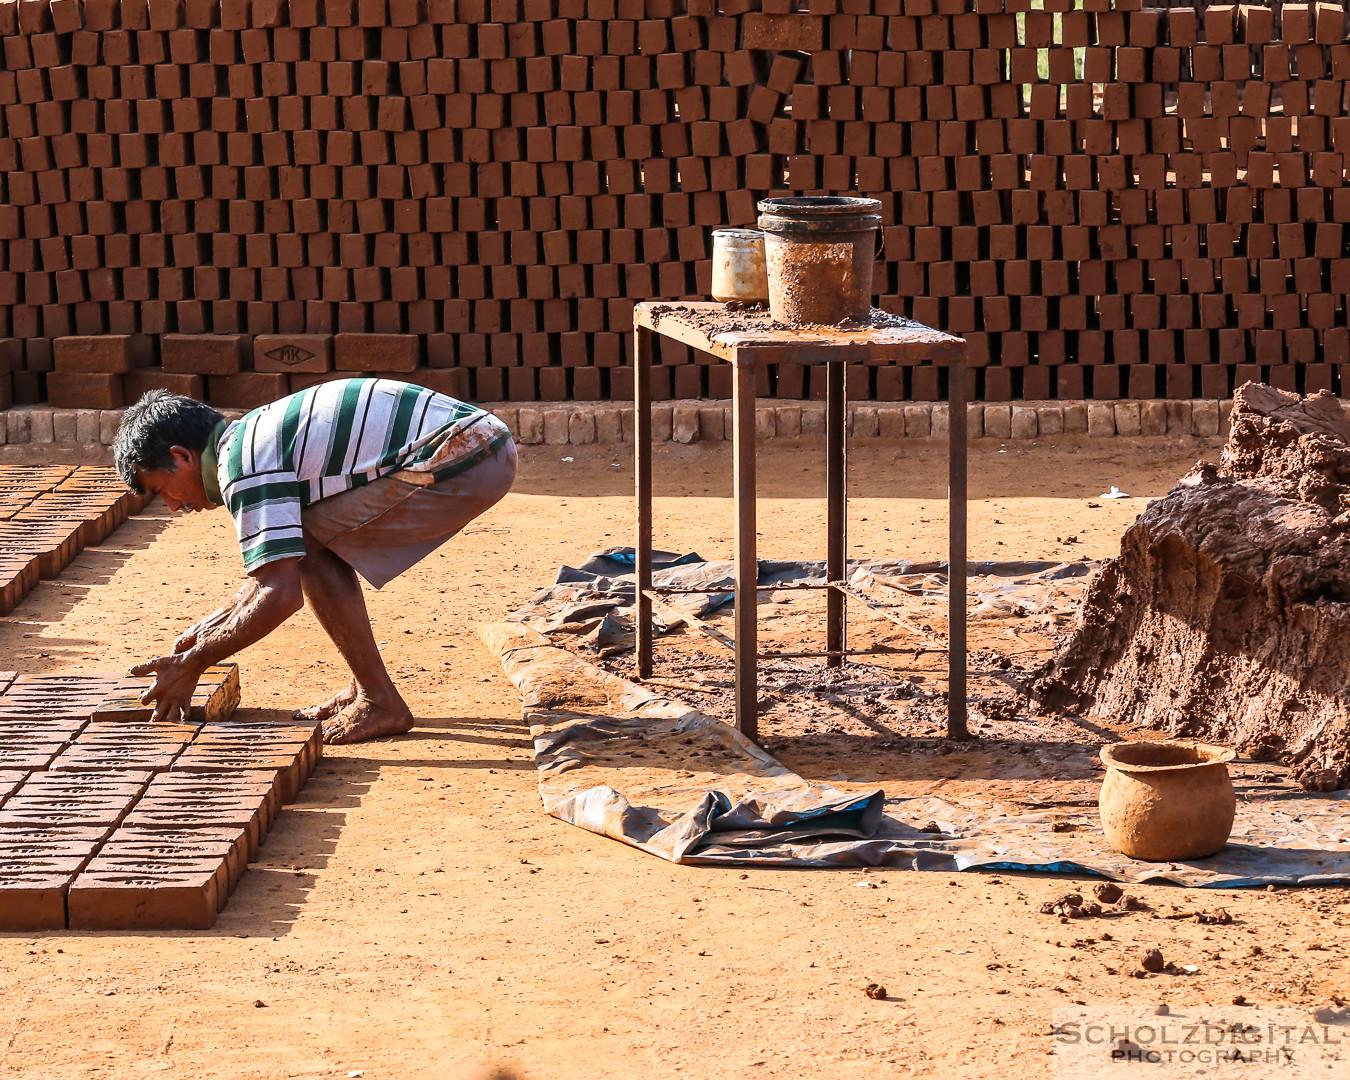 Indien, India, Streetphotography, Rundreise, Tamil Nadu, Streetlife, Ziegelei, Madurai, Ziegeherstellung